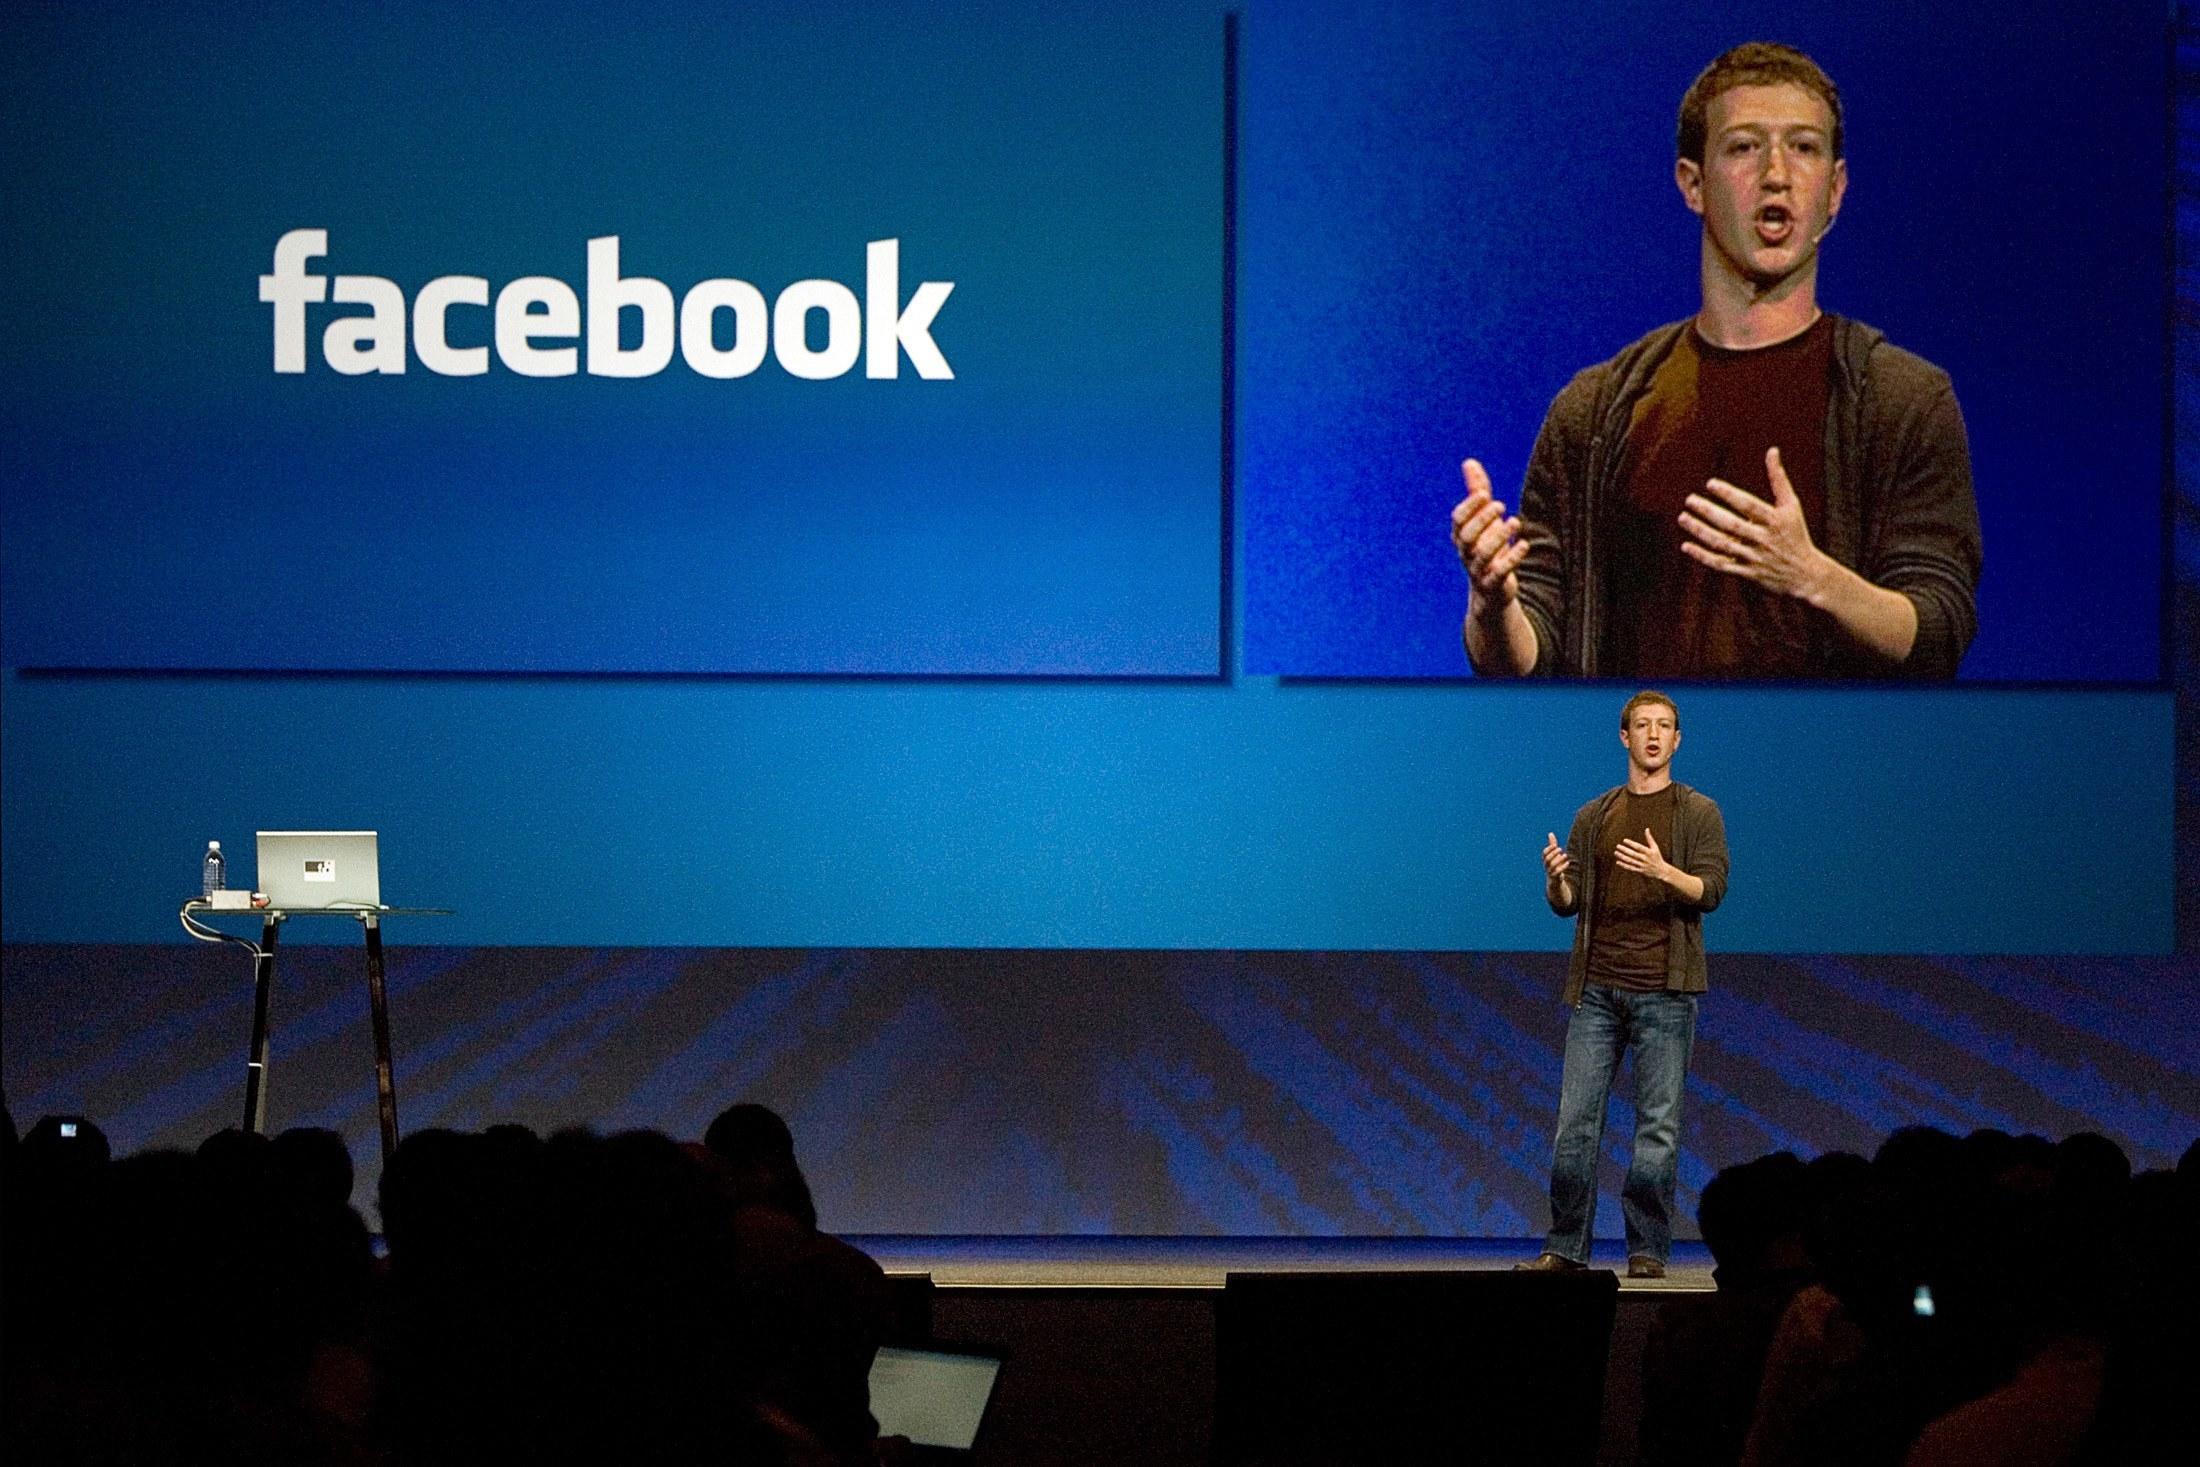 Facebook: Ο Μάρκ Ζούκερμπεργκ έχασε 6 δισ. από την πολύωρη «κατάρρευση» και απολογήθηκε